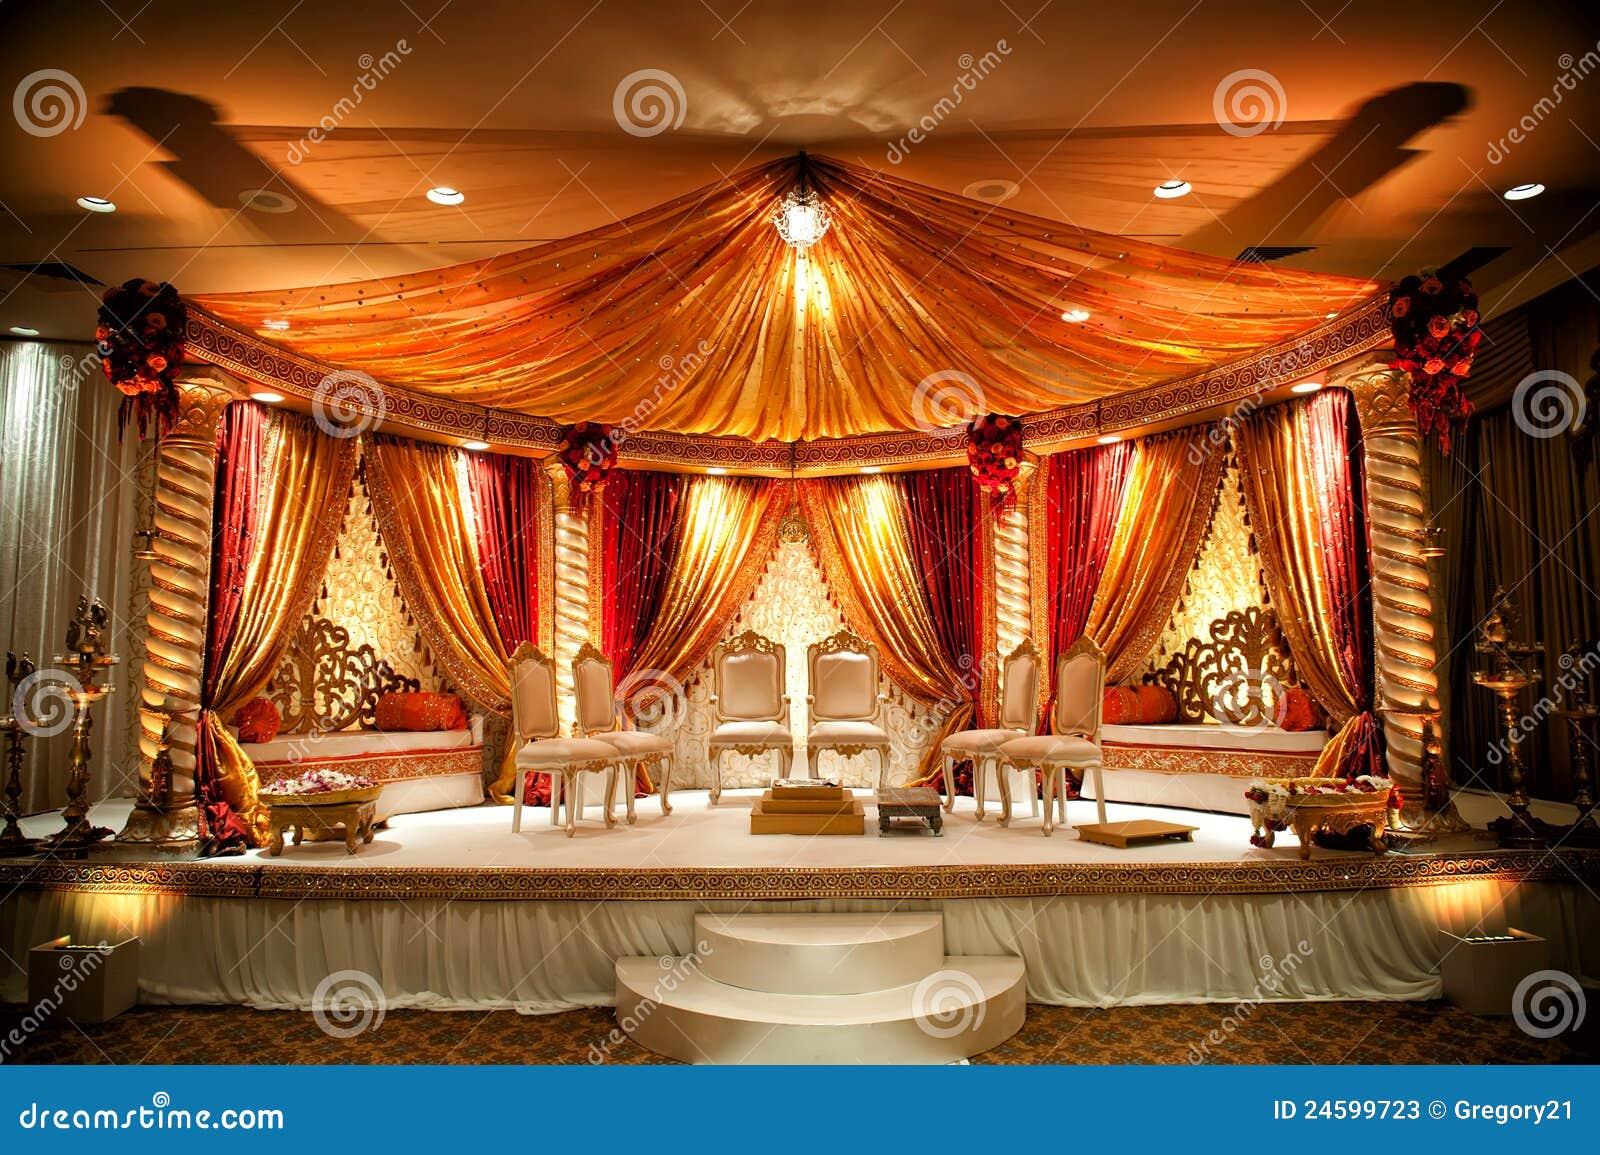 Indian Wedding Mandap Stock Photos Image 24599723